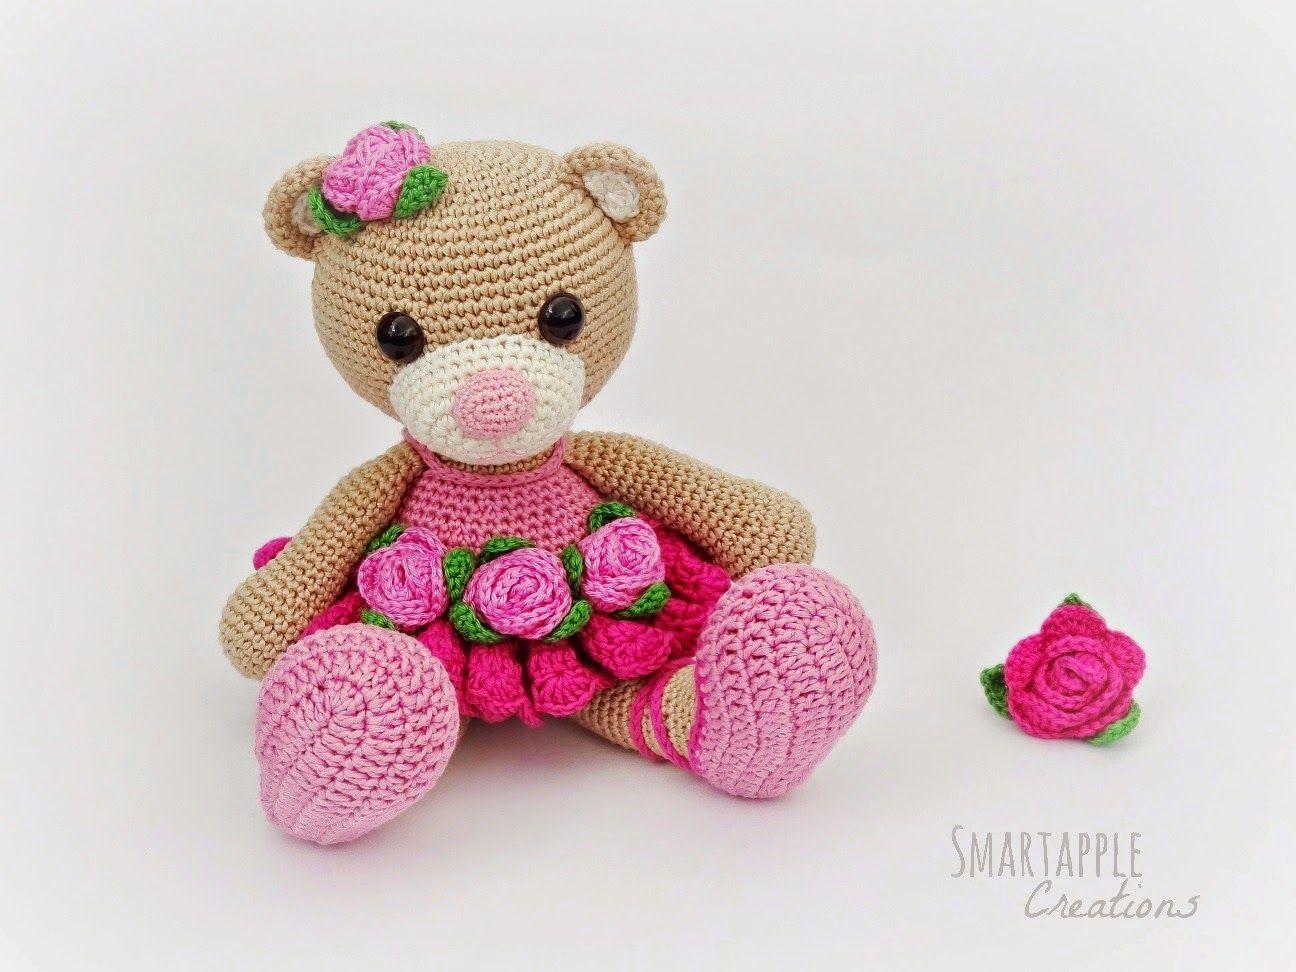 Amigurumi Oso Panda Patron : Smartapple creaciones amigurumi ganchillo y bibi el patrón oso